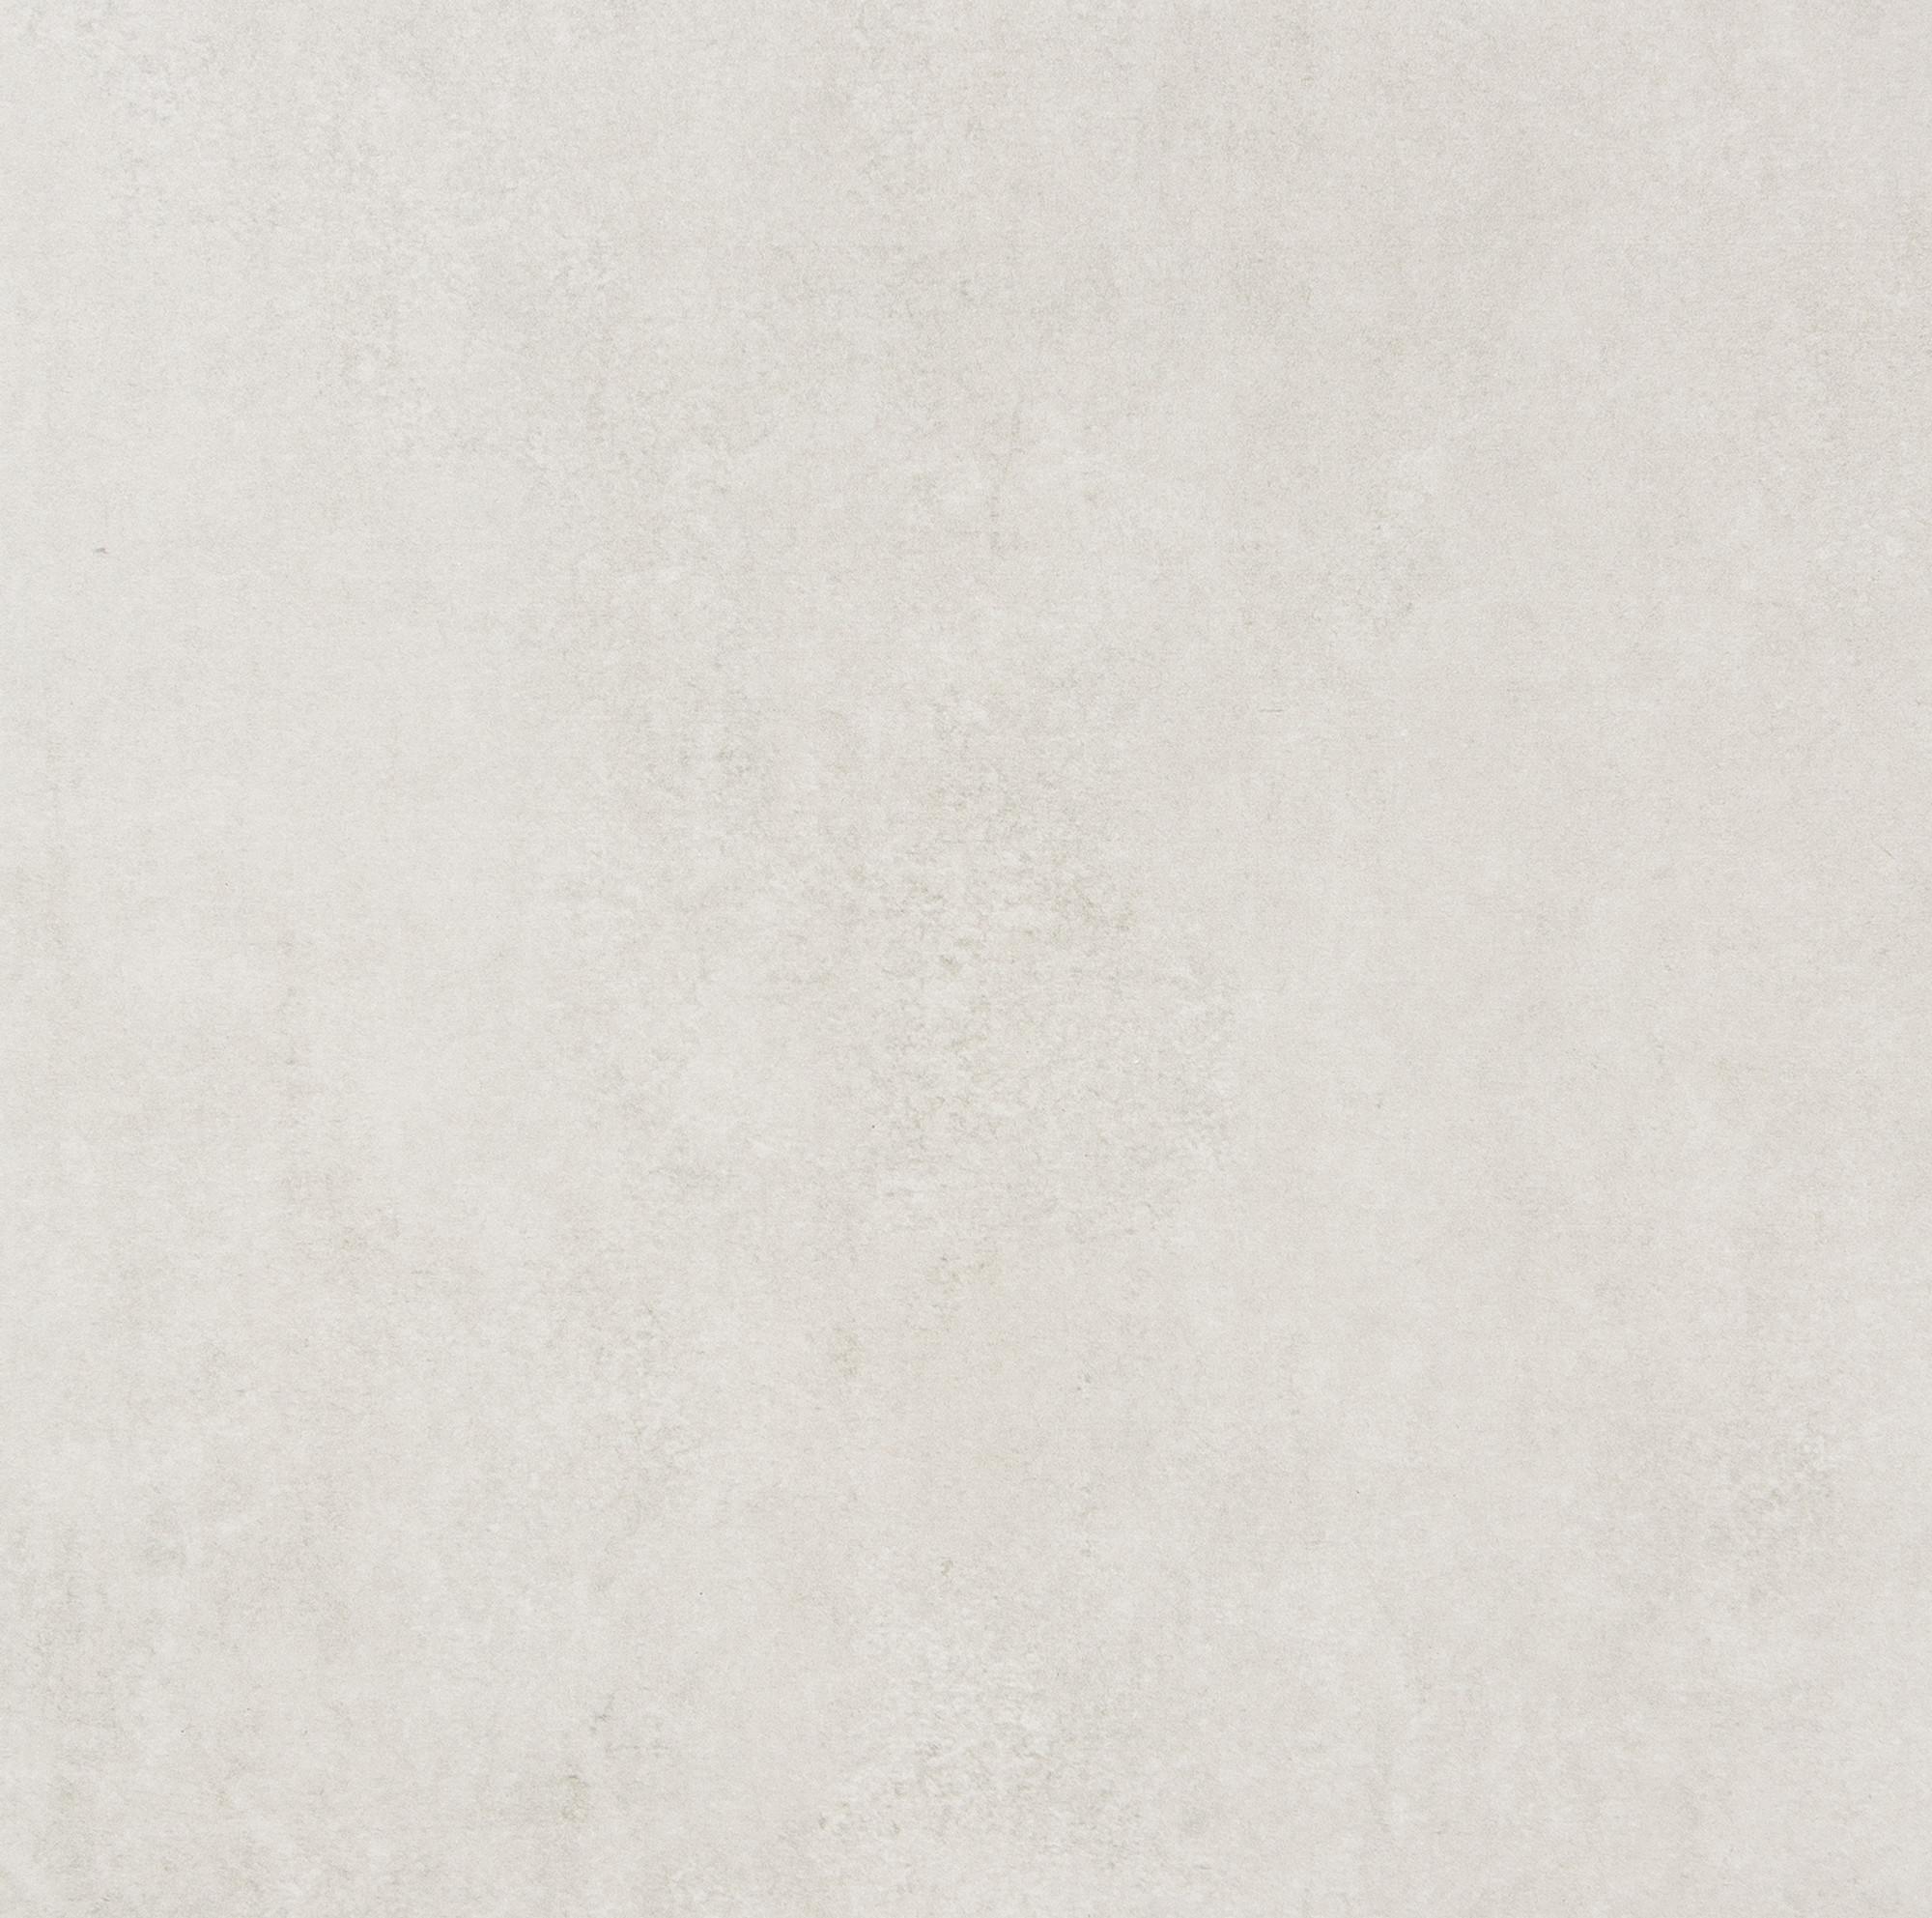 Керамогранит «Гермес» 40x40 см 1.6 м² цвет серый